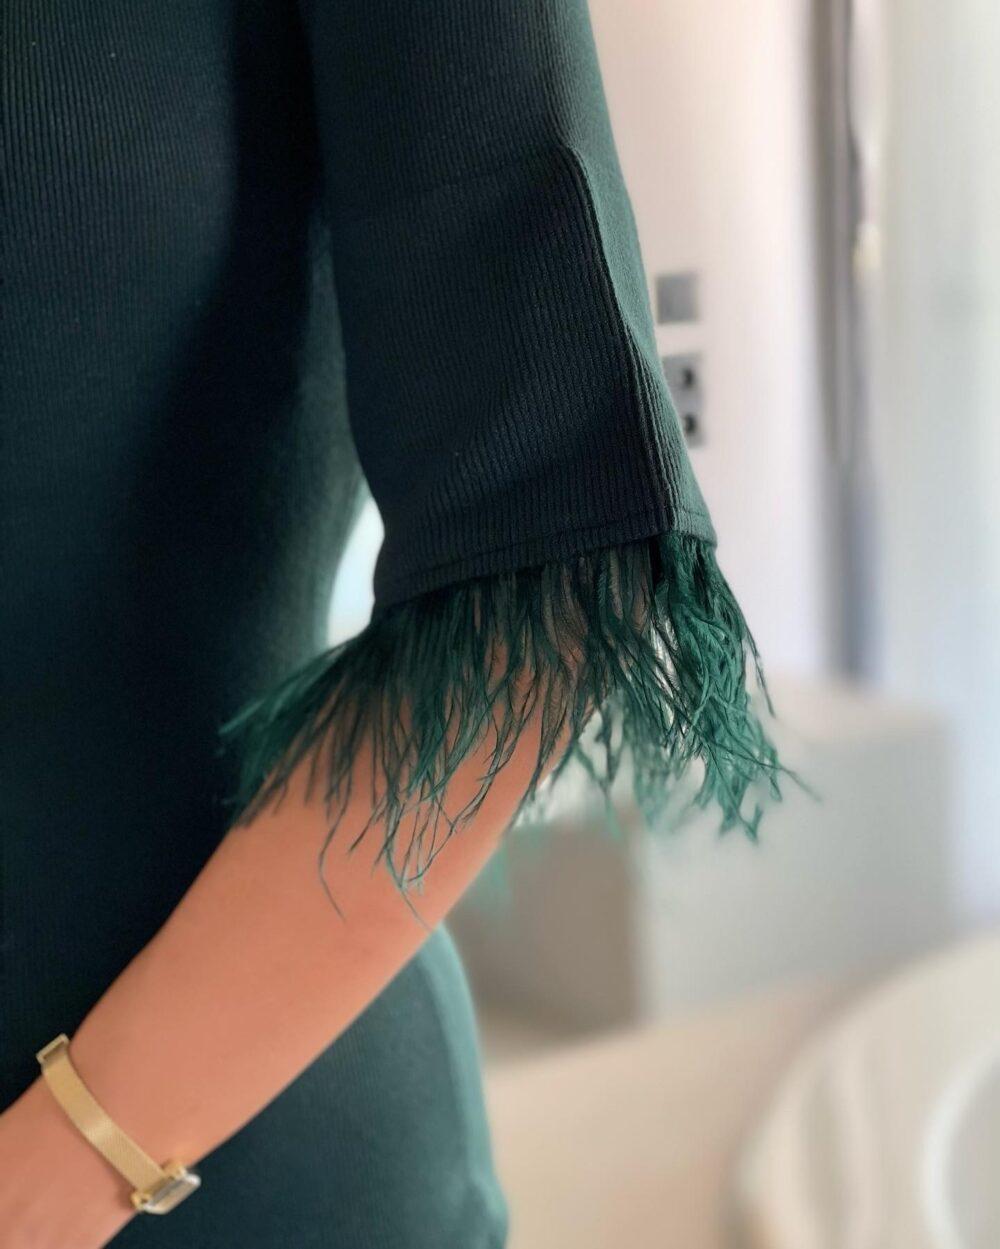 φορεμα κυπαρισιι πλεκτο κοντο με πουπουλα